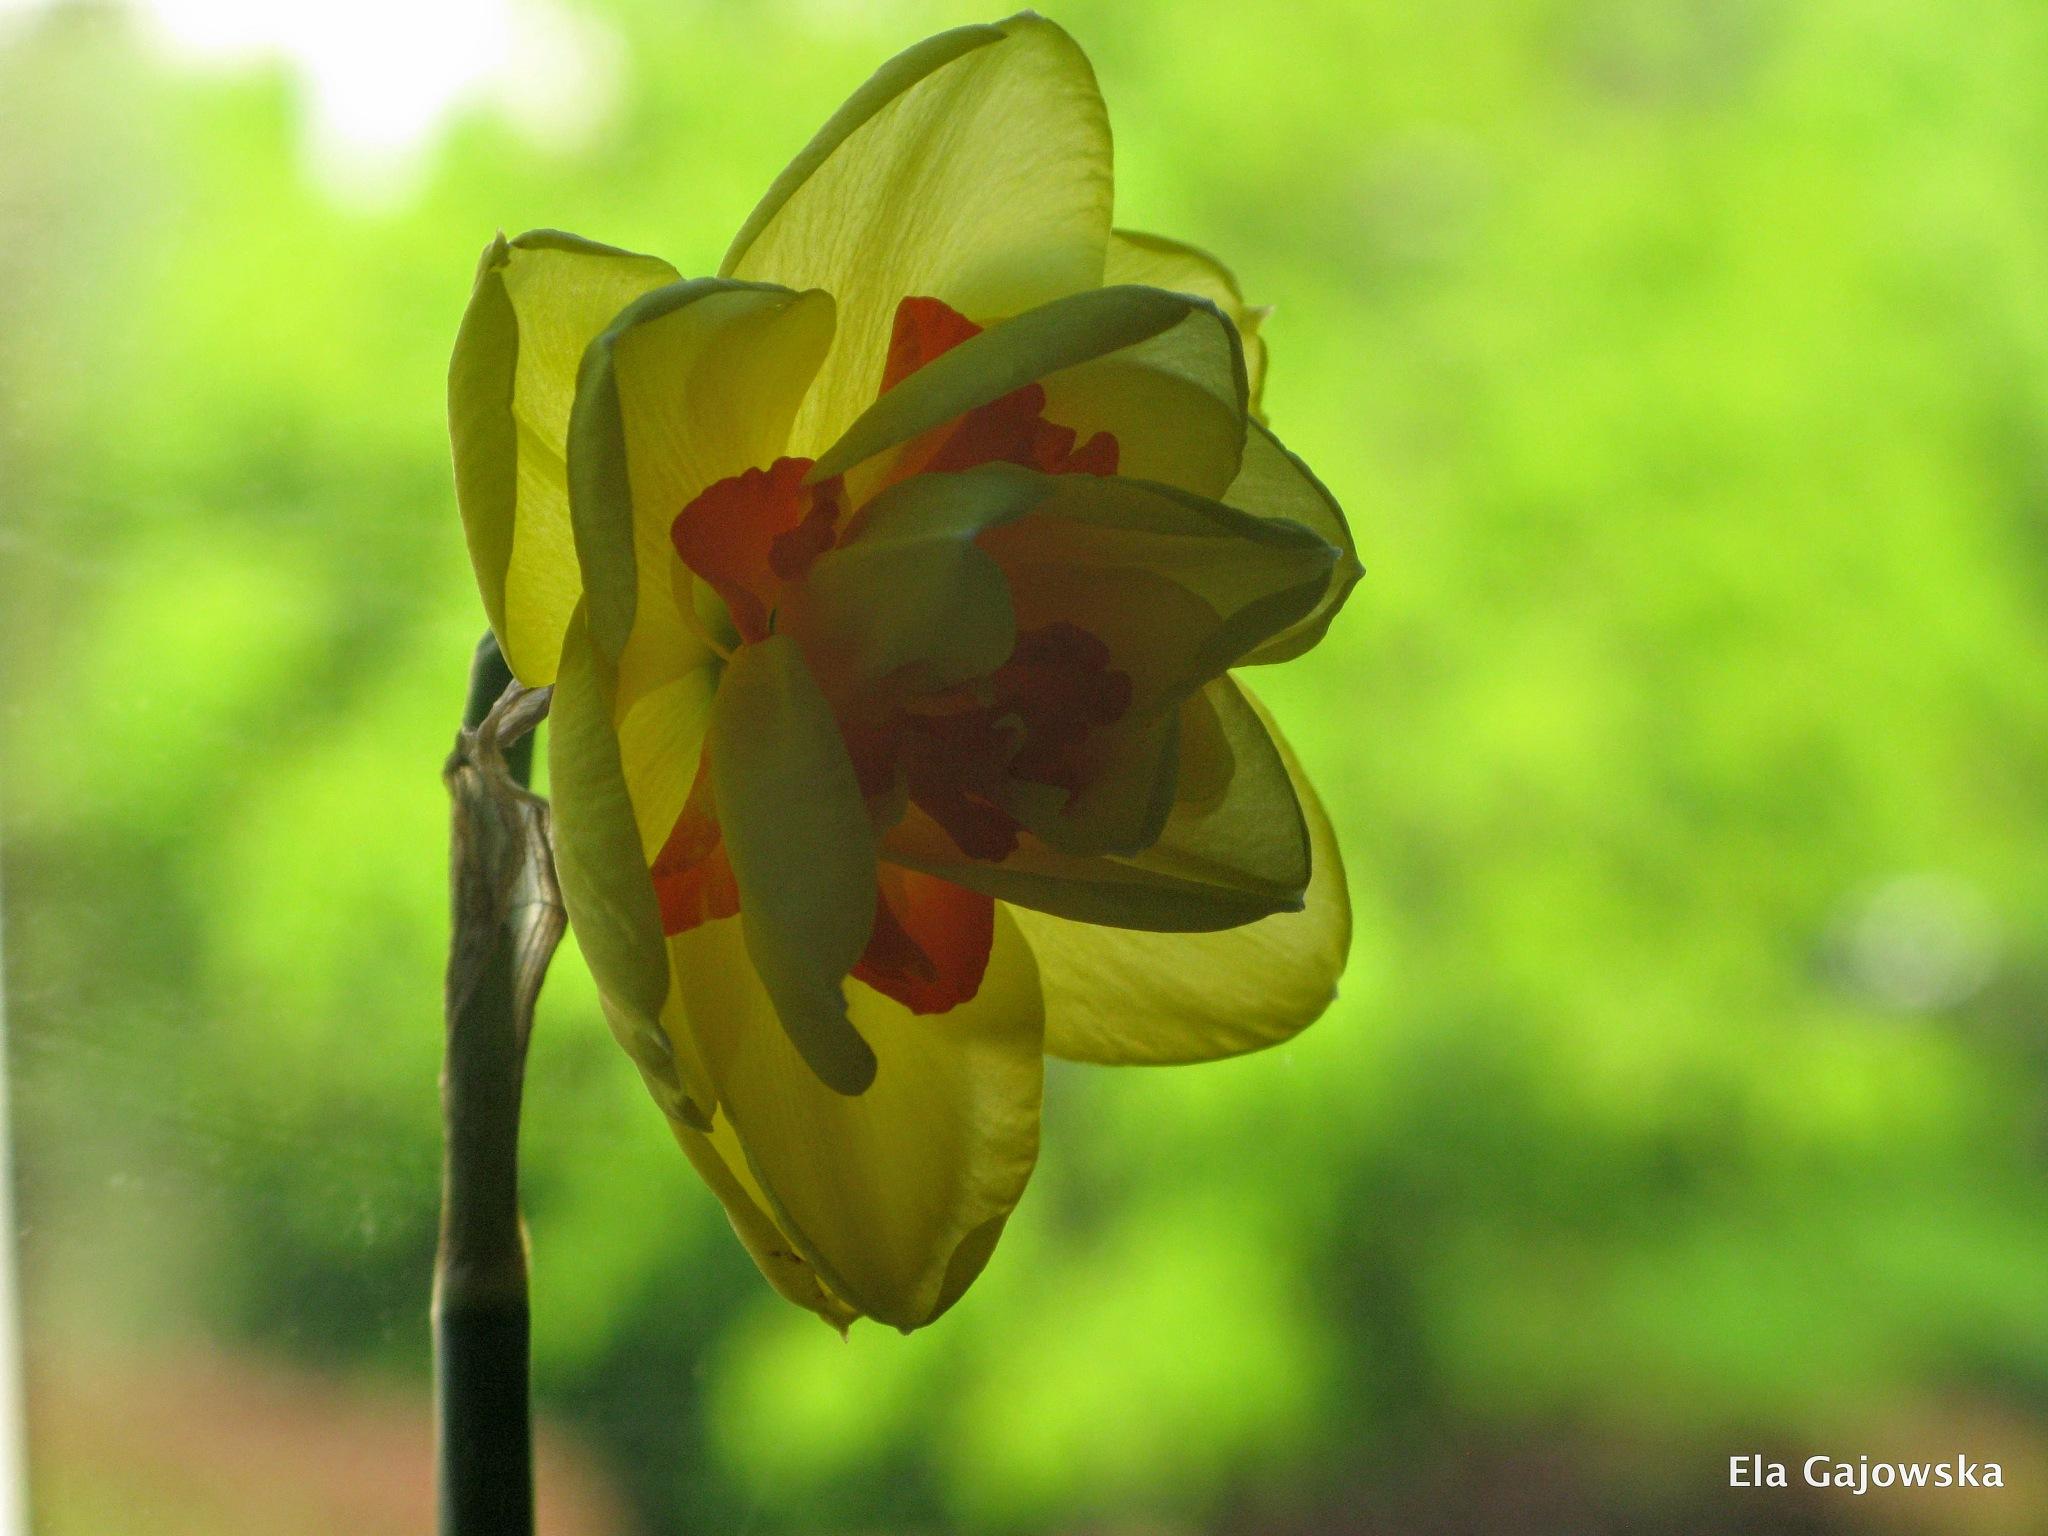 A spring flower by Ela Gajowska